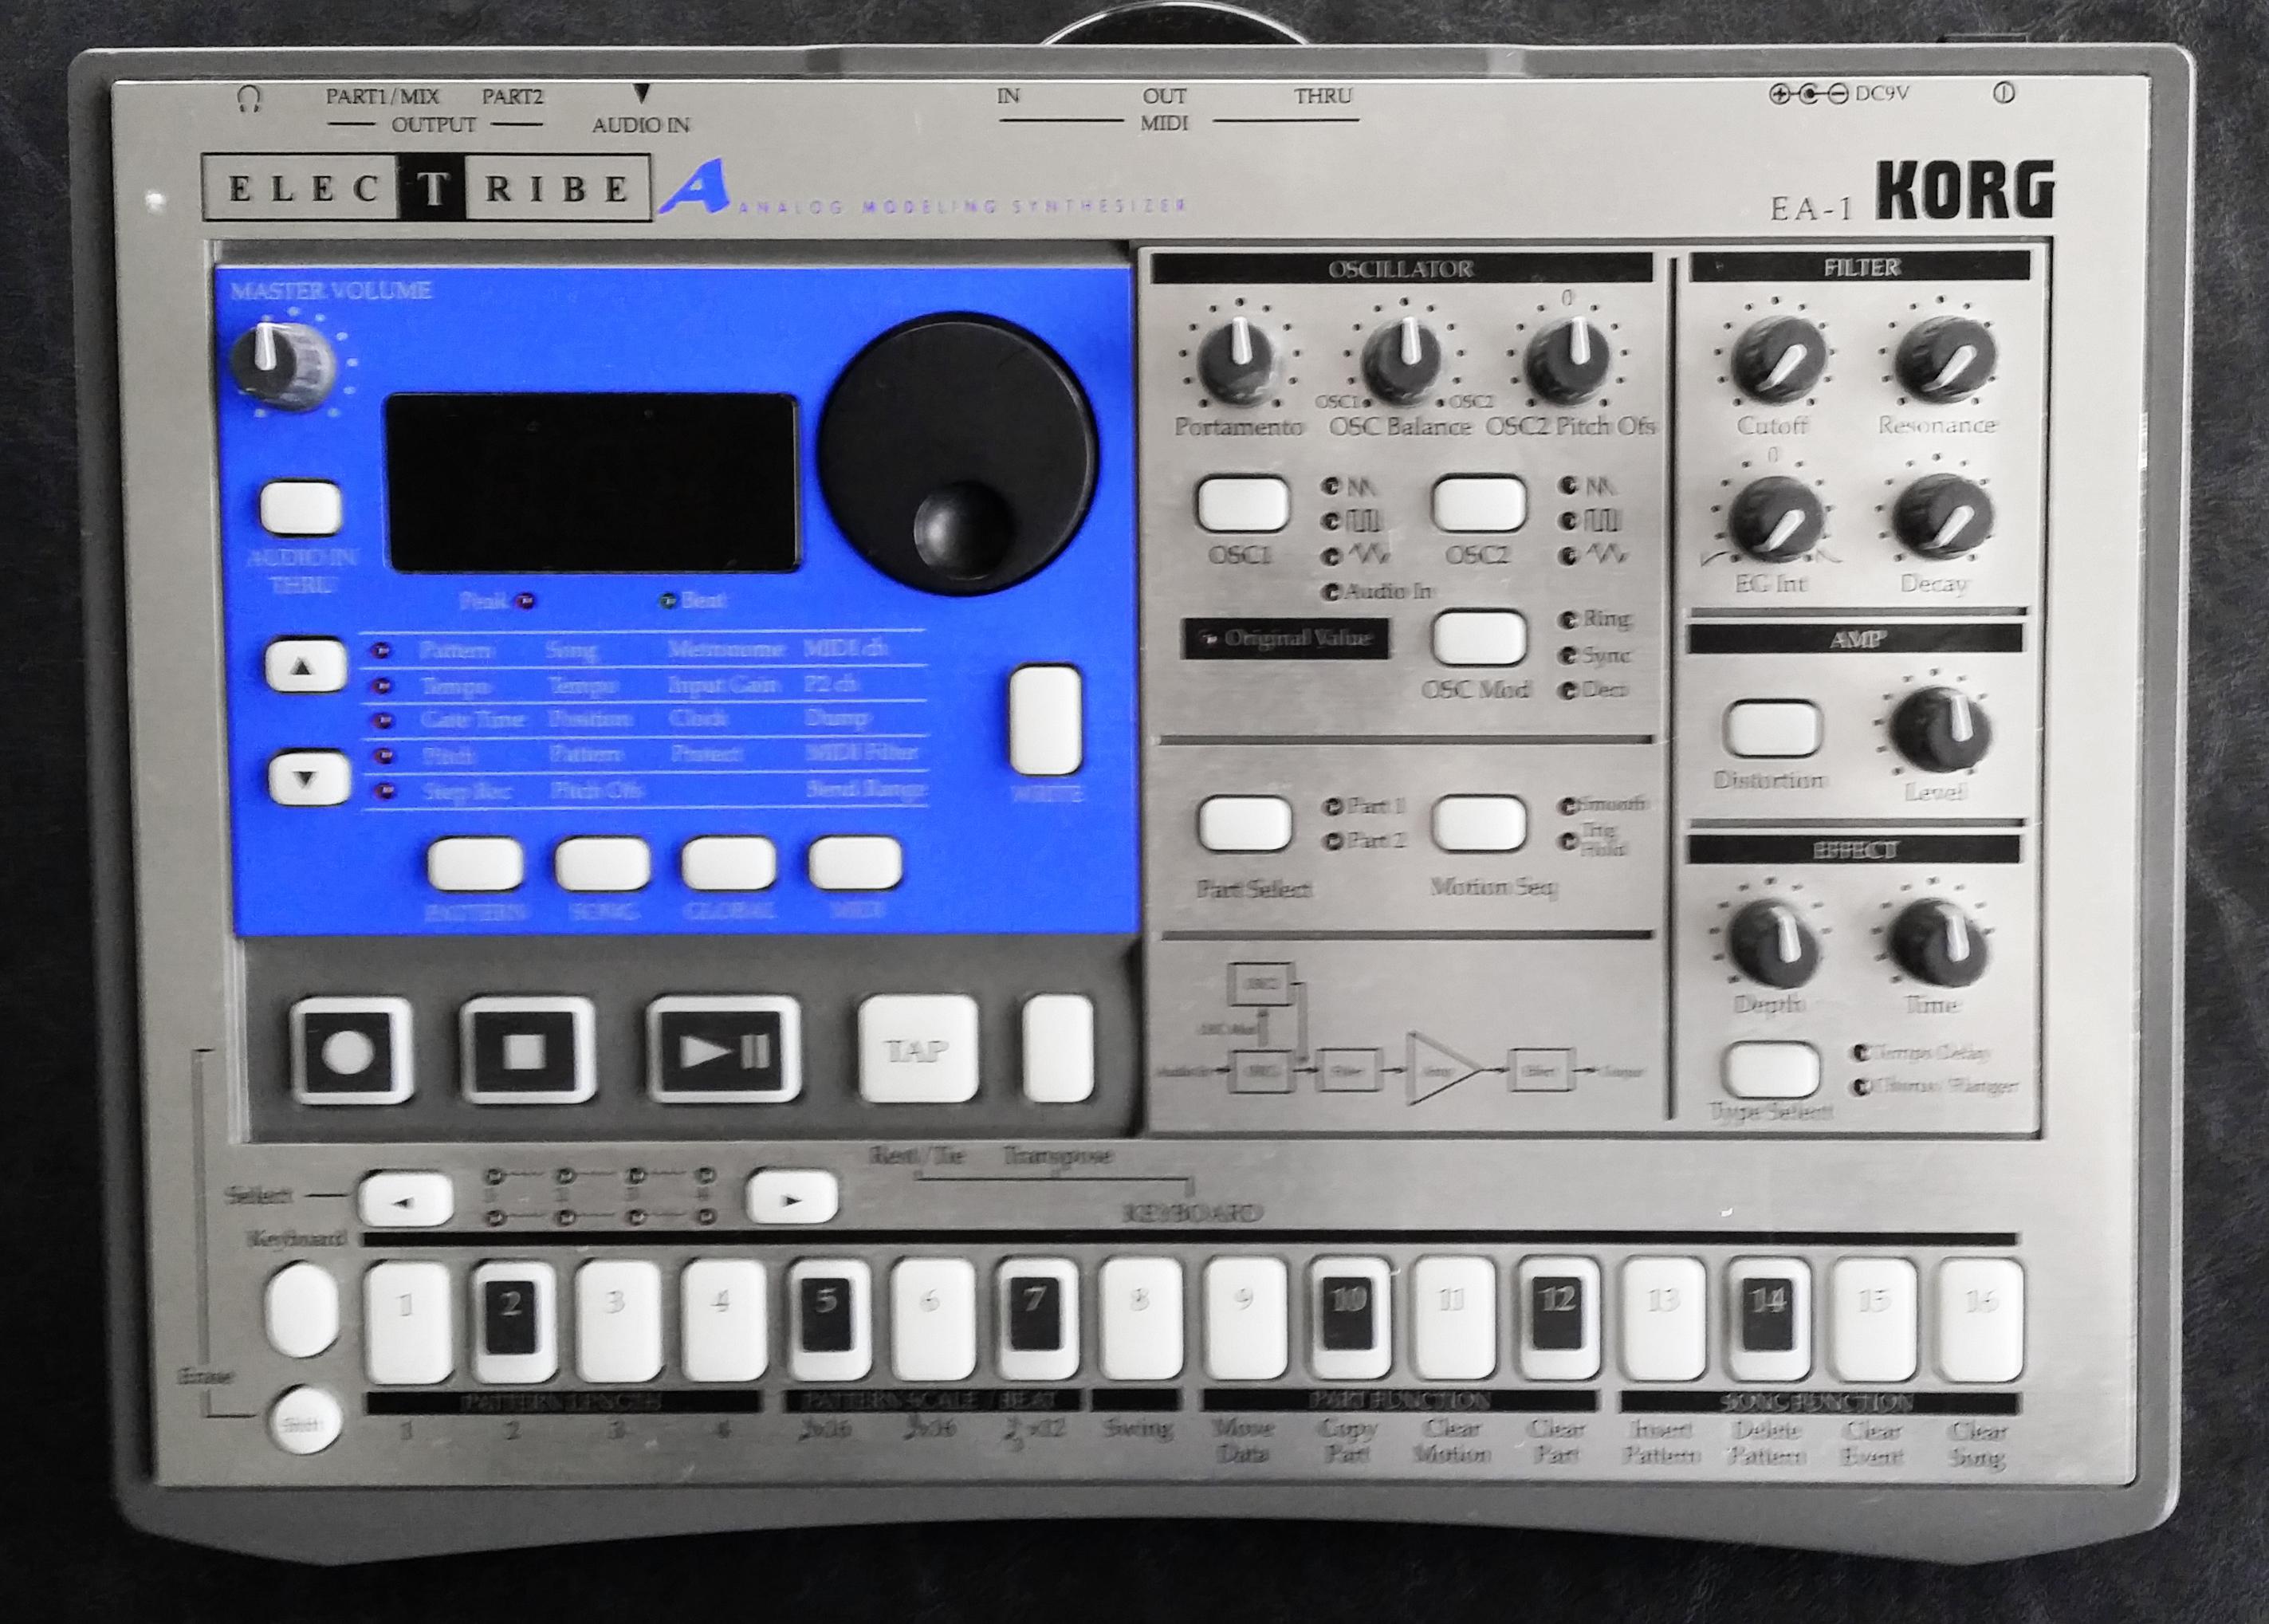 Korg-EA-1-1.jpg